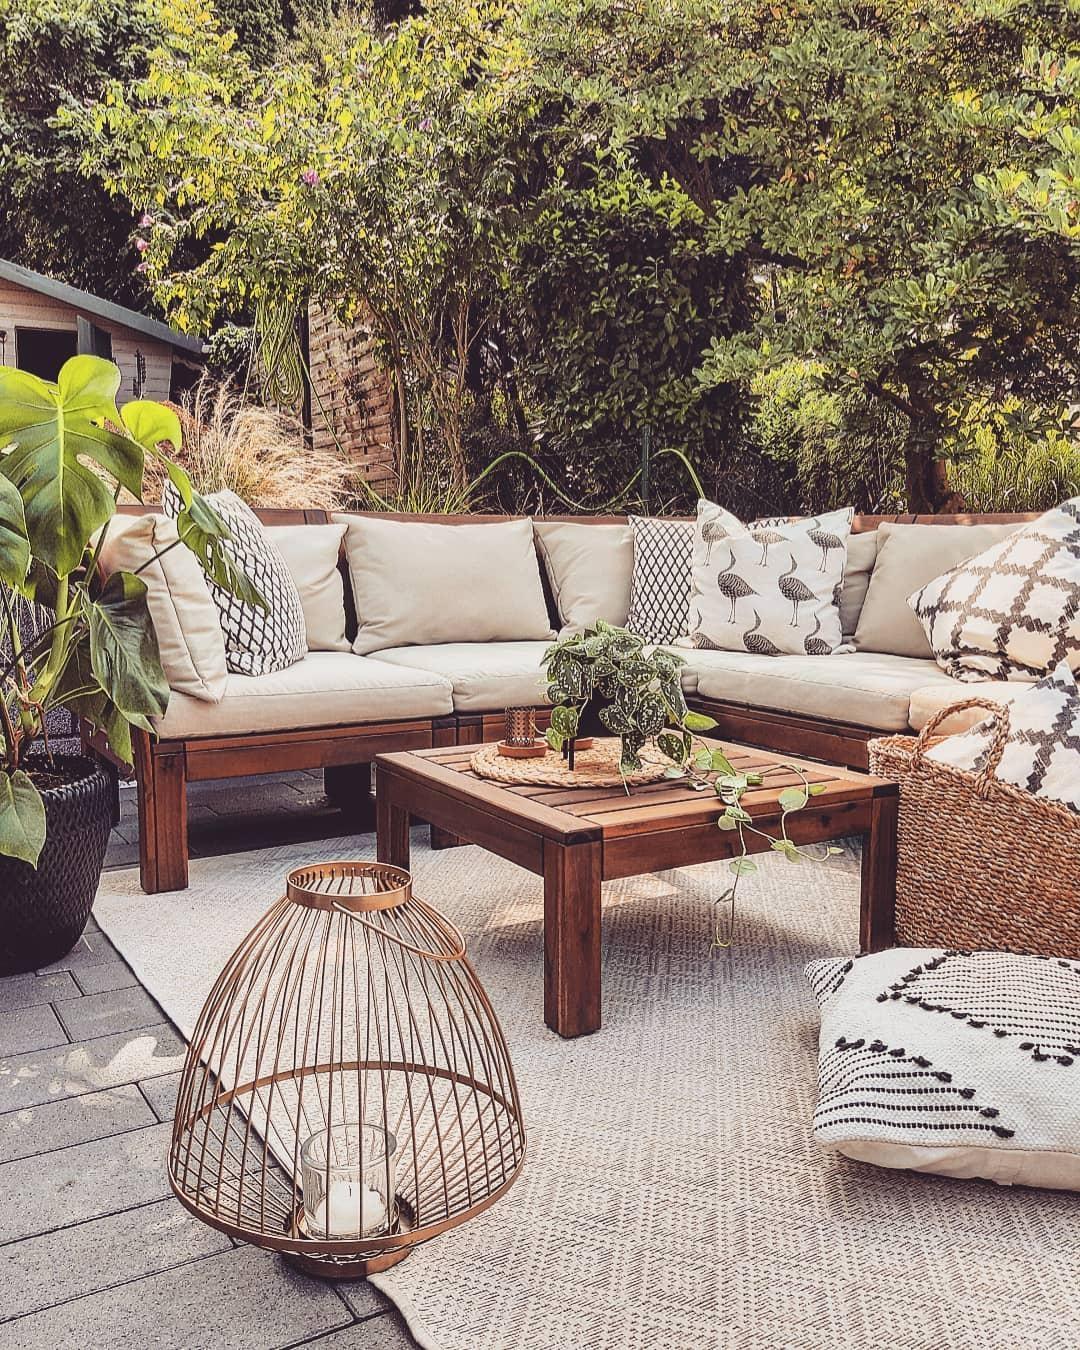 Full Size of Terrassen Lounge Mbel Fr Dein Zuhause Bilder Ideen Couch Sofa Garten Sessel Möbel Loungemöbel Holz Set Günstig Wohnzimmer Terrassen Lounge